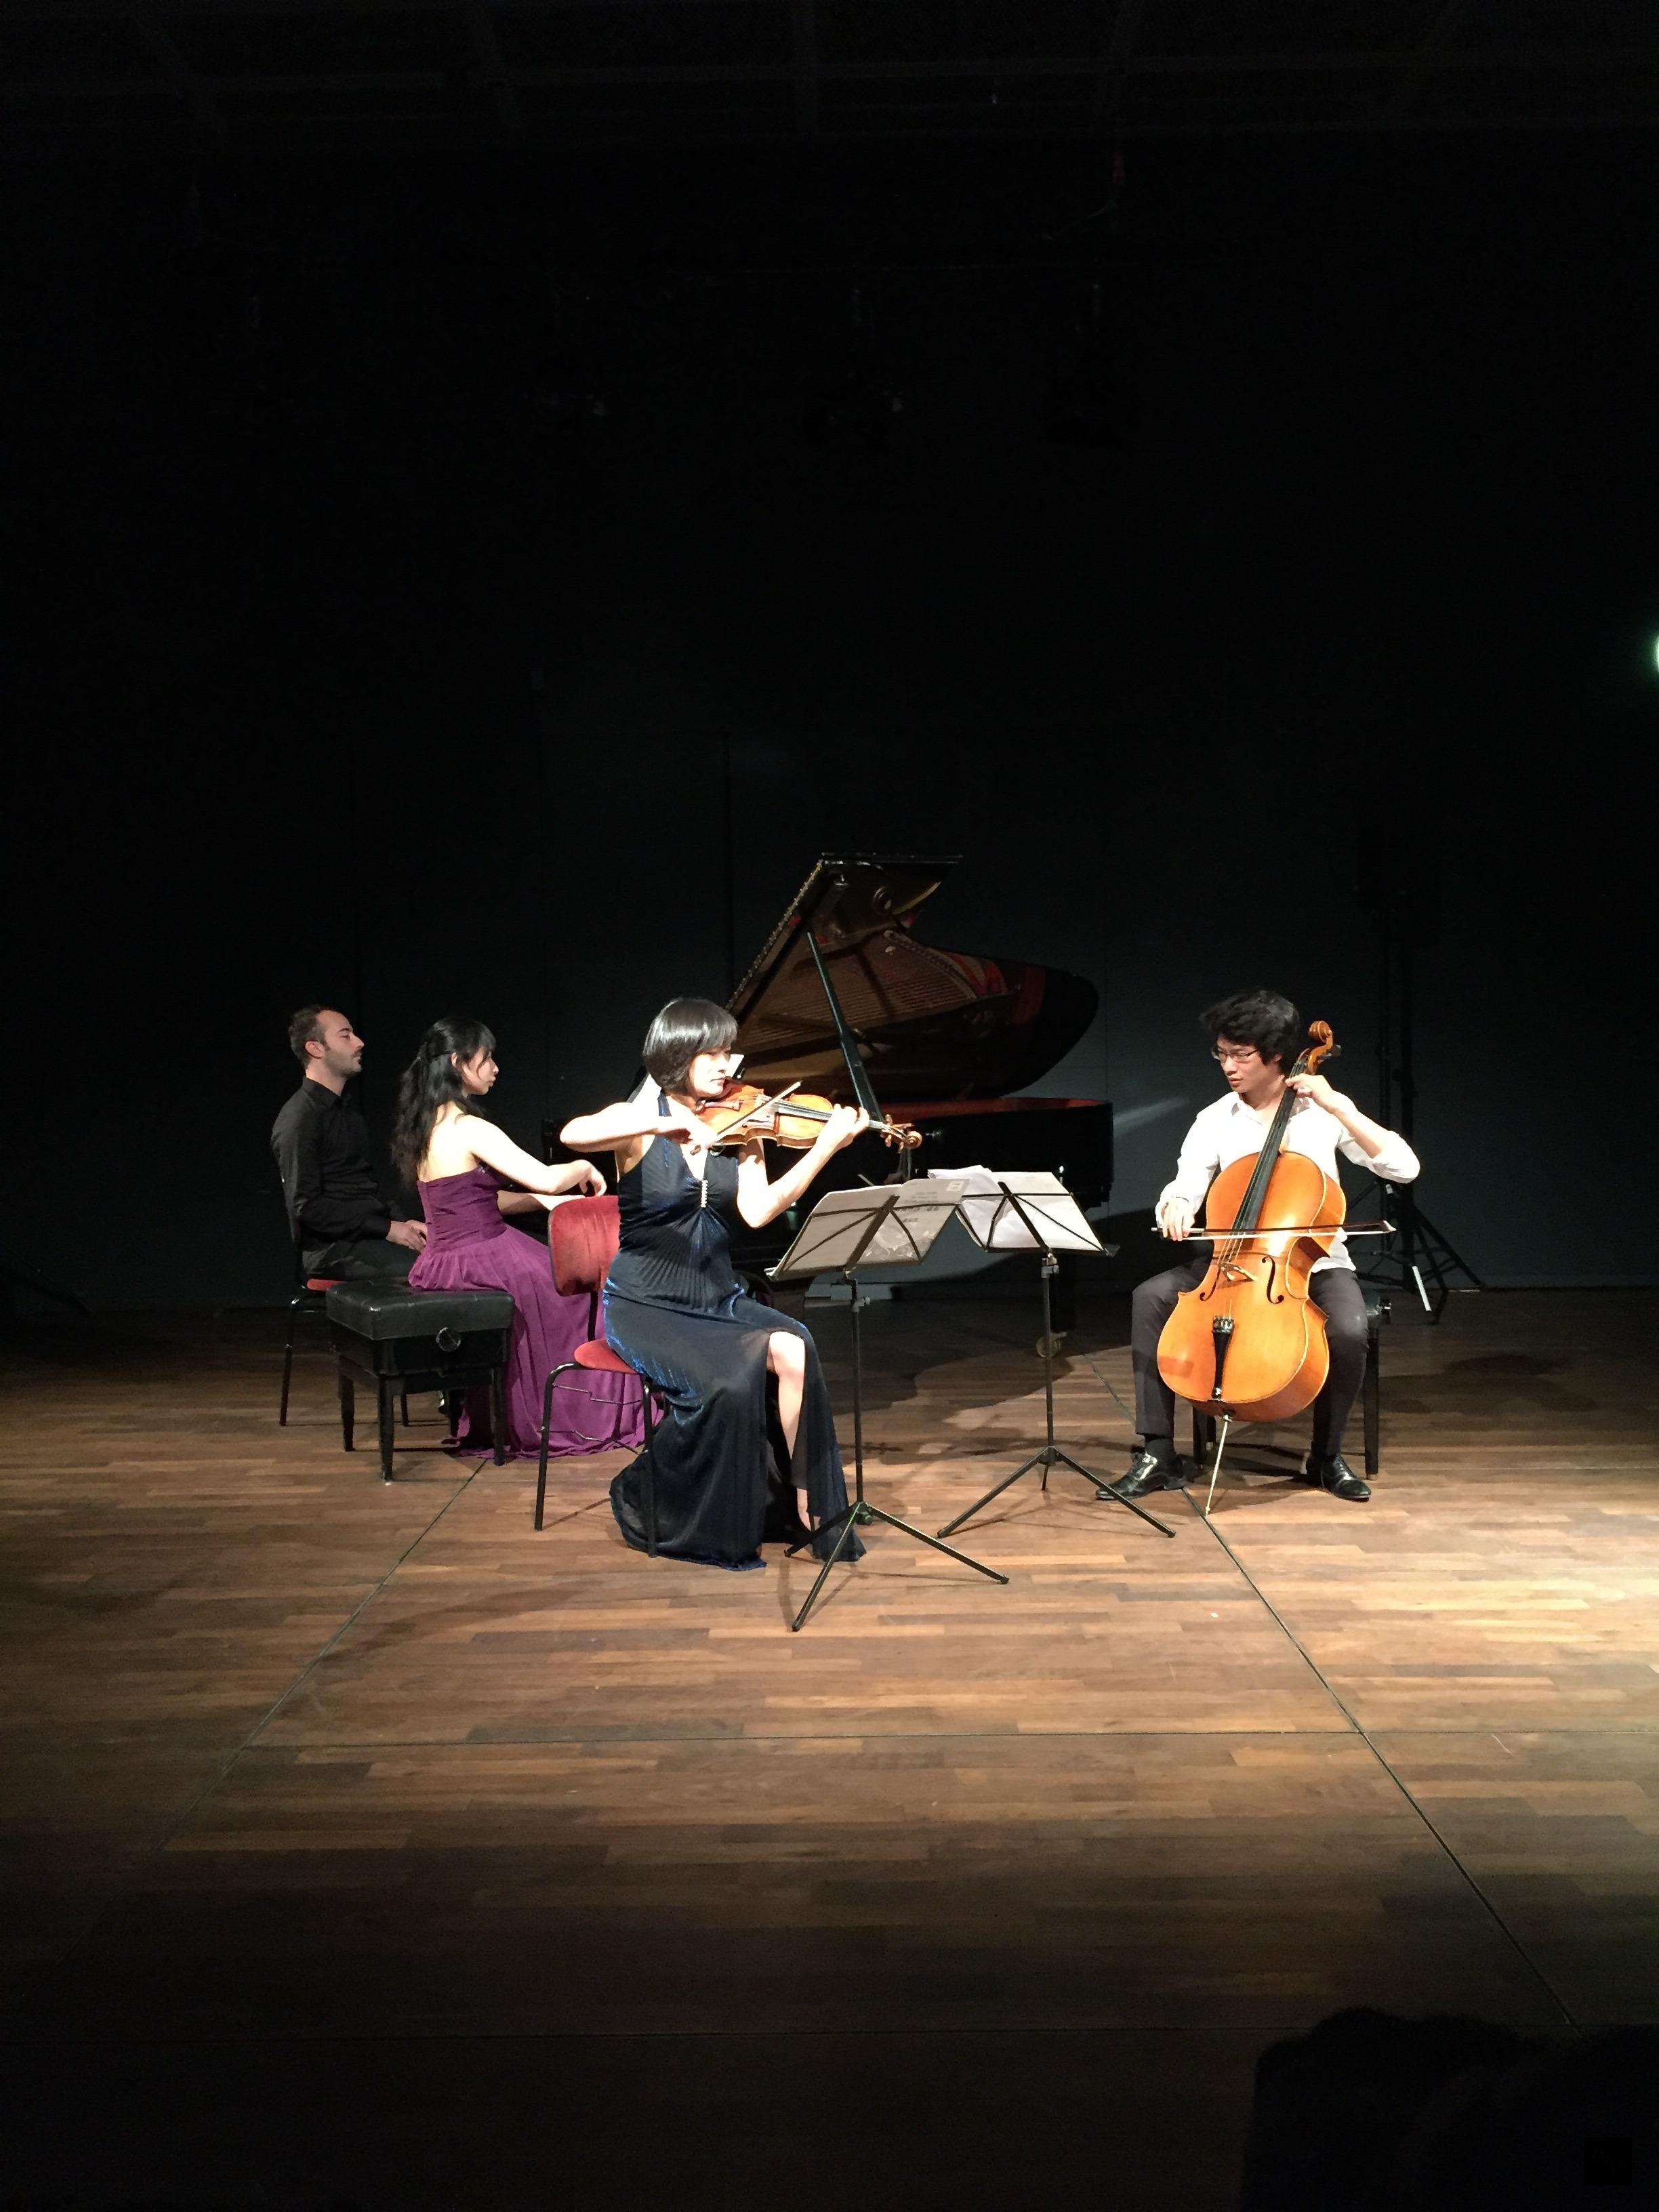 文化部台灣文化光點計畫在德國柏林音樂廳舉辦「Promenade-長廊/音樂漫遊」音樂會,由旅德台灣音樂家演繹台灣古典大師蕭泰然的「福爾摩沙三重奏」。(駐德國代表處提供)